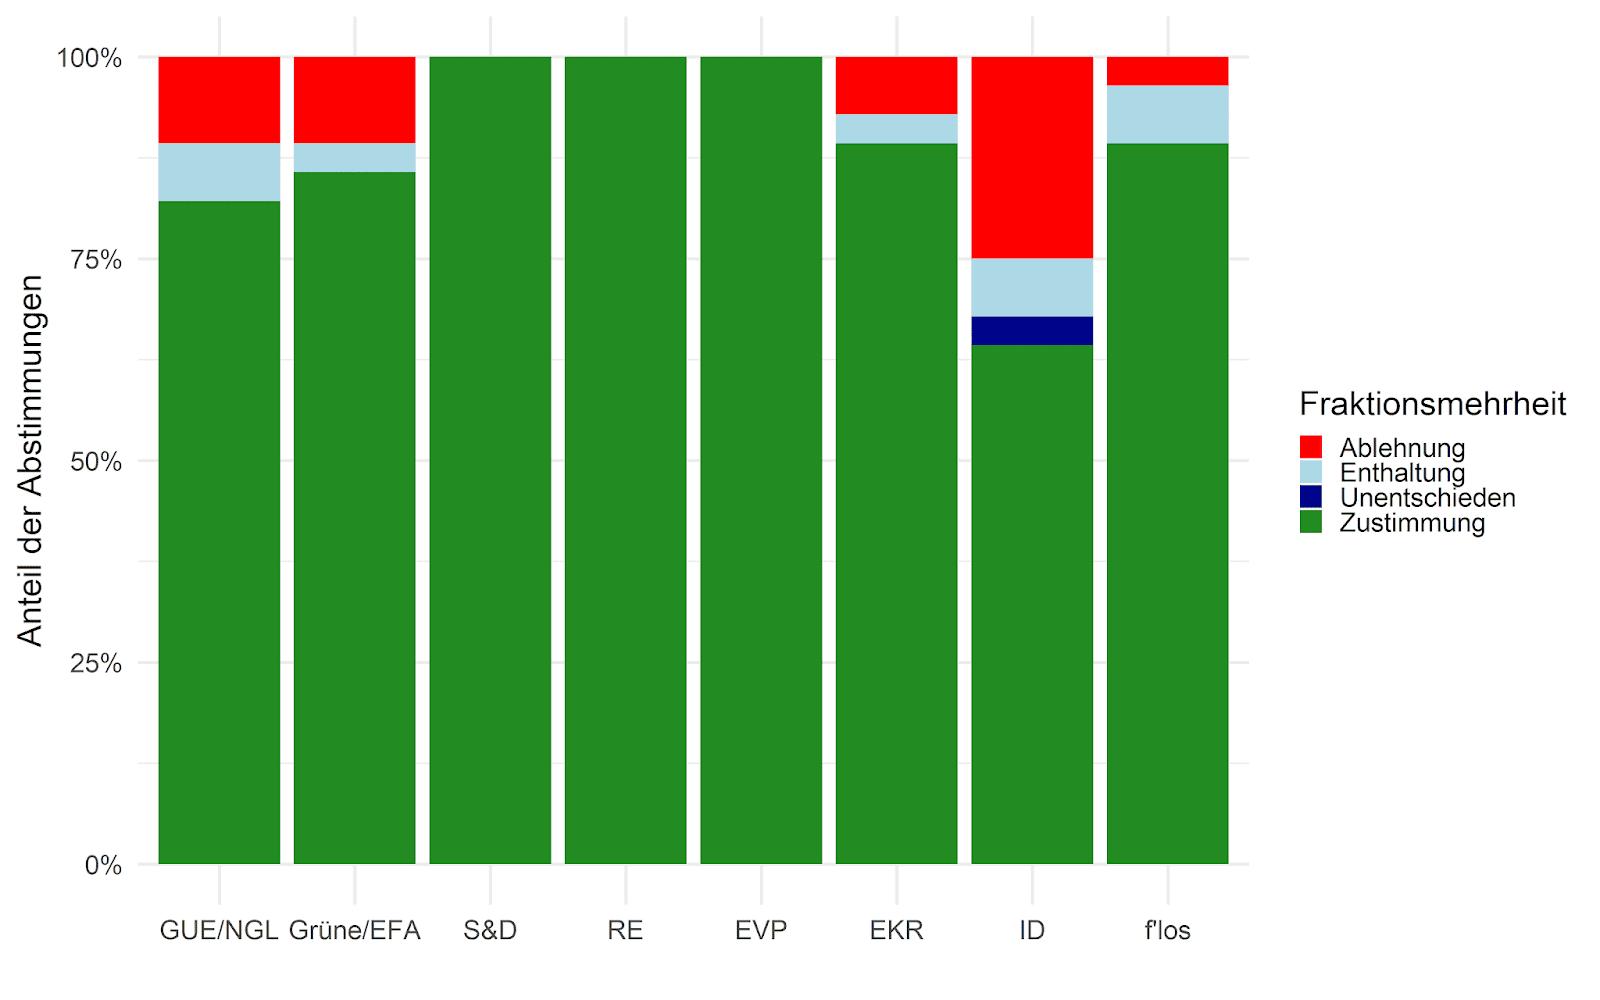 Mehrheitspositionen der Fraktionen bei Corona-Abstimmungen.